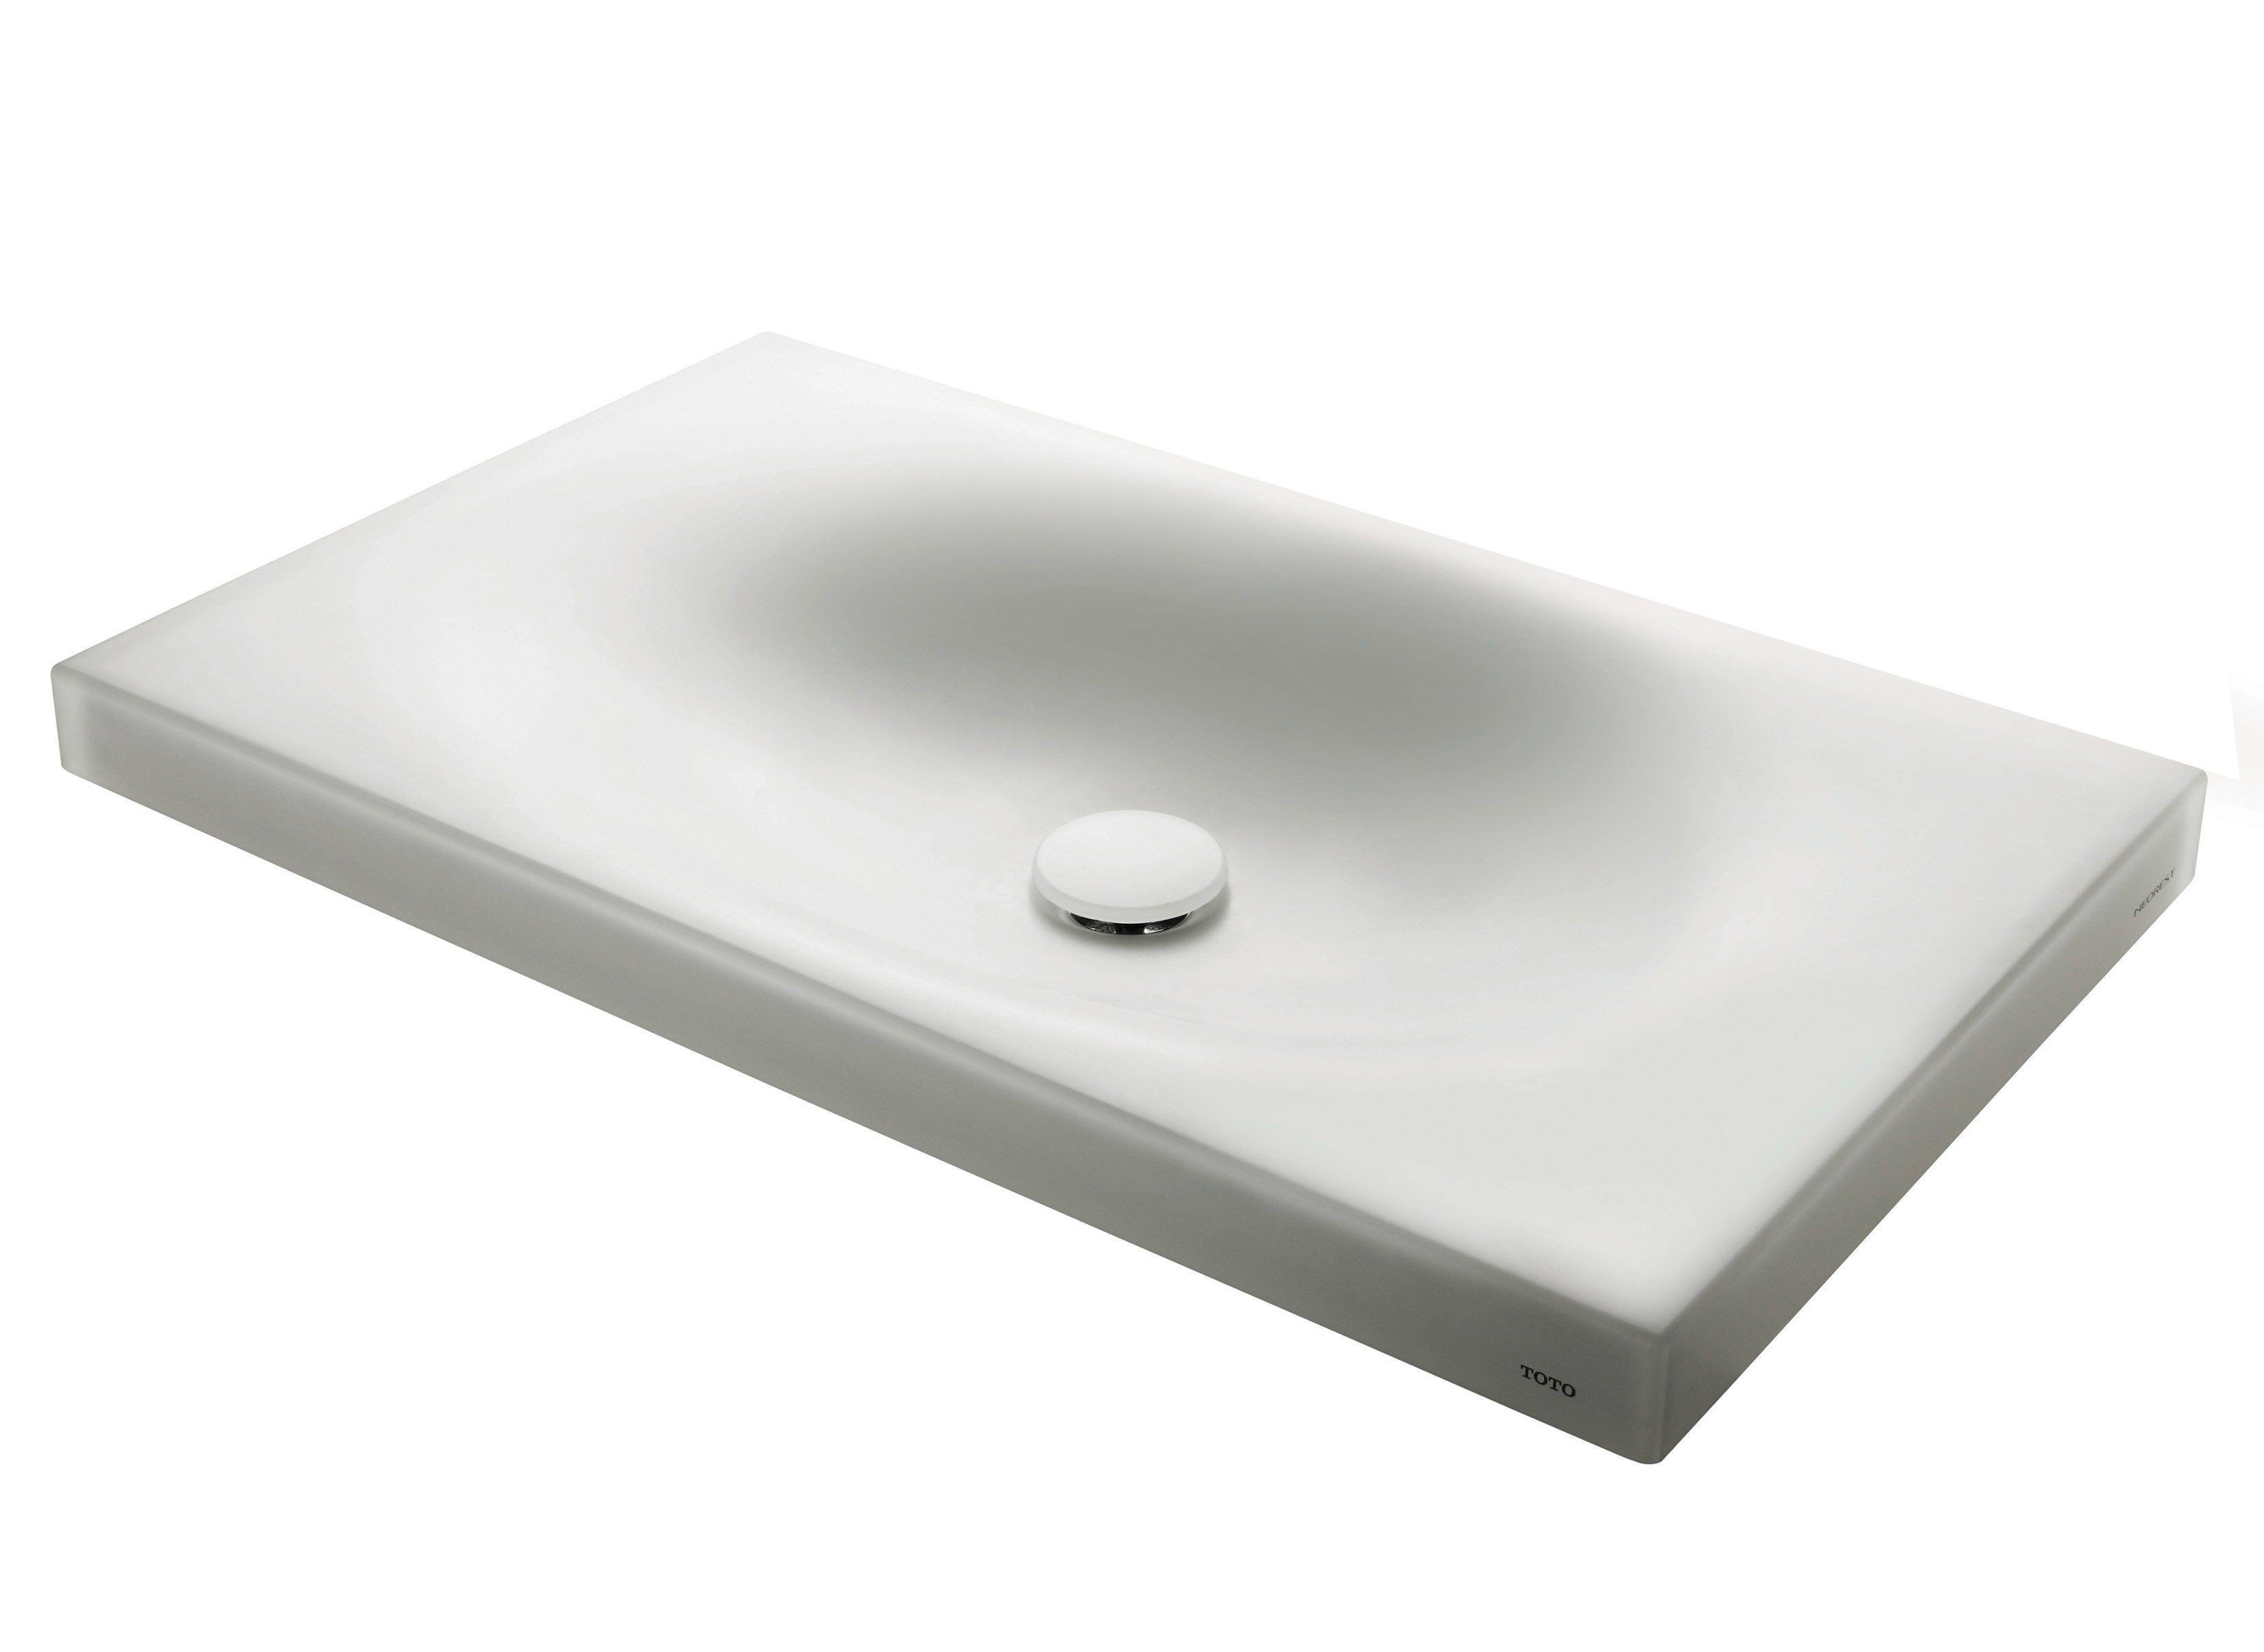 Catalano Waschtisch Unterschrank Design waschbecken möbelideen Mit